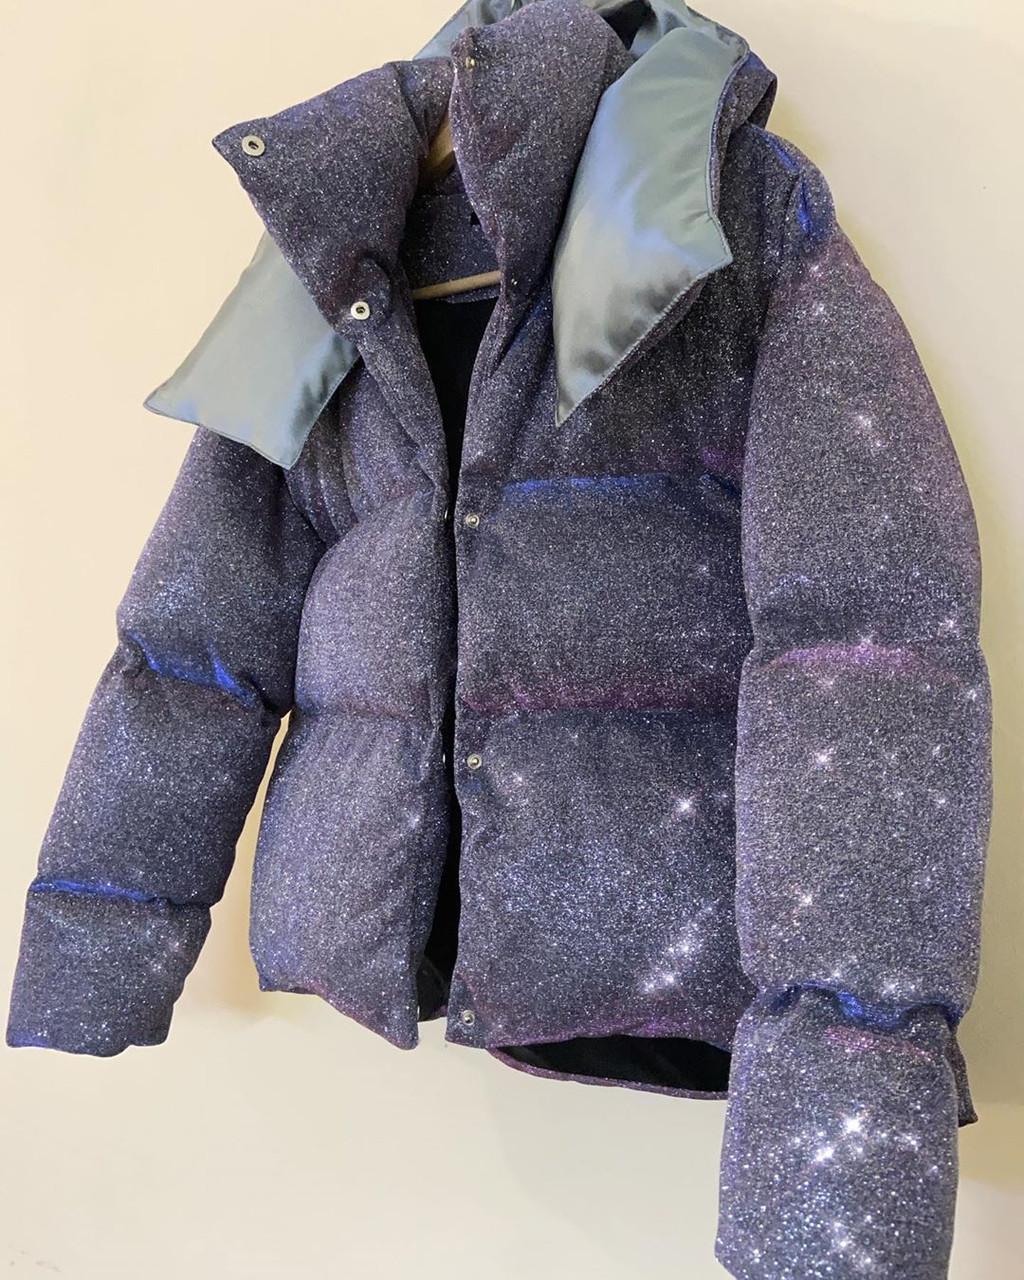 Блестящий короткий пуховик куртка зимняя оверсайз дутый объемный с капюшоном люрекс